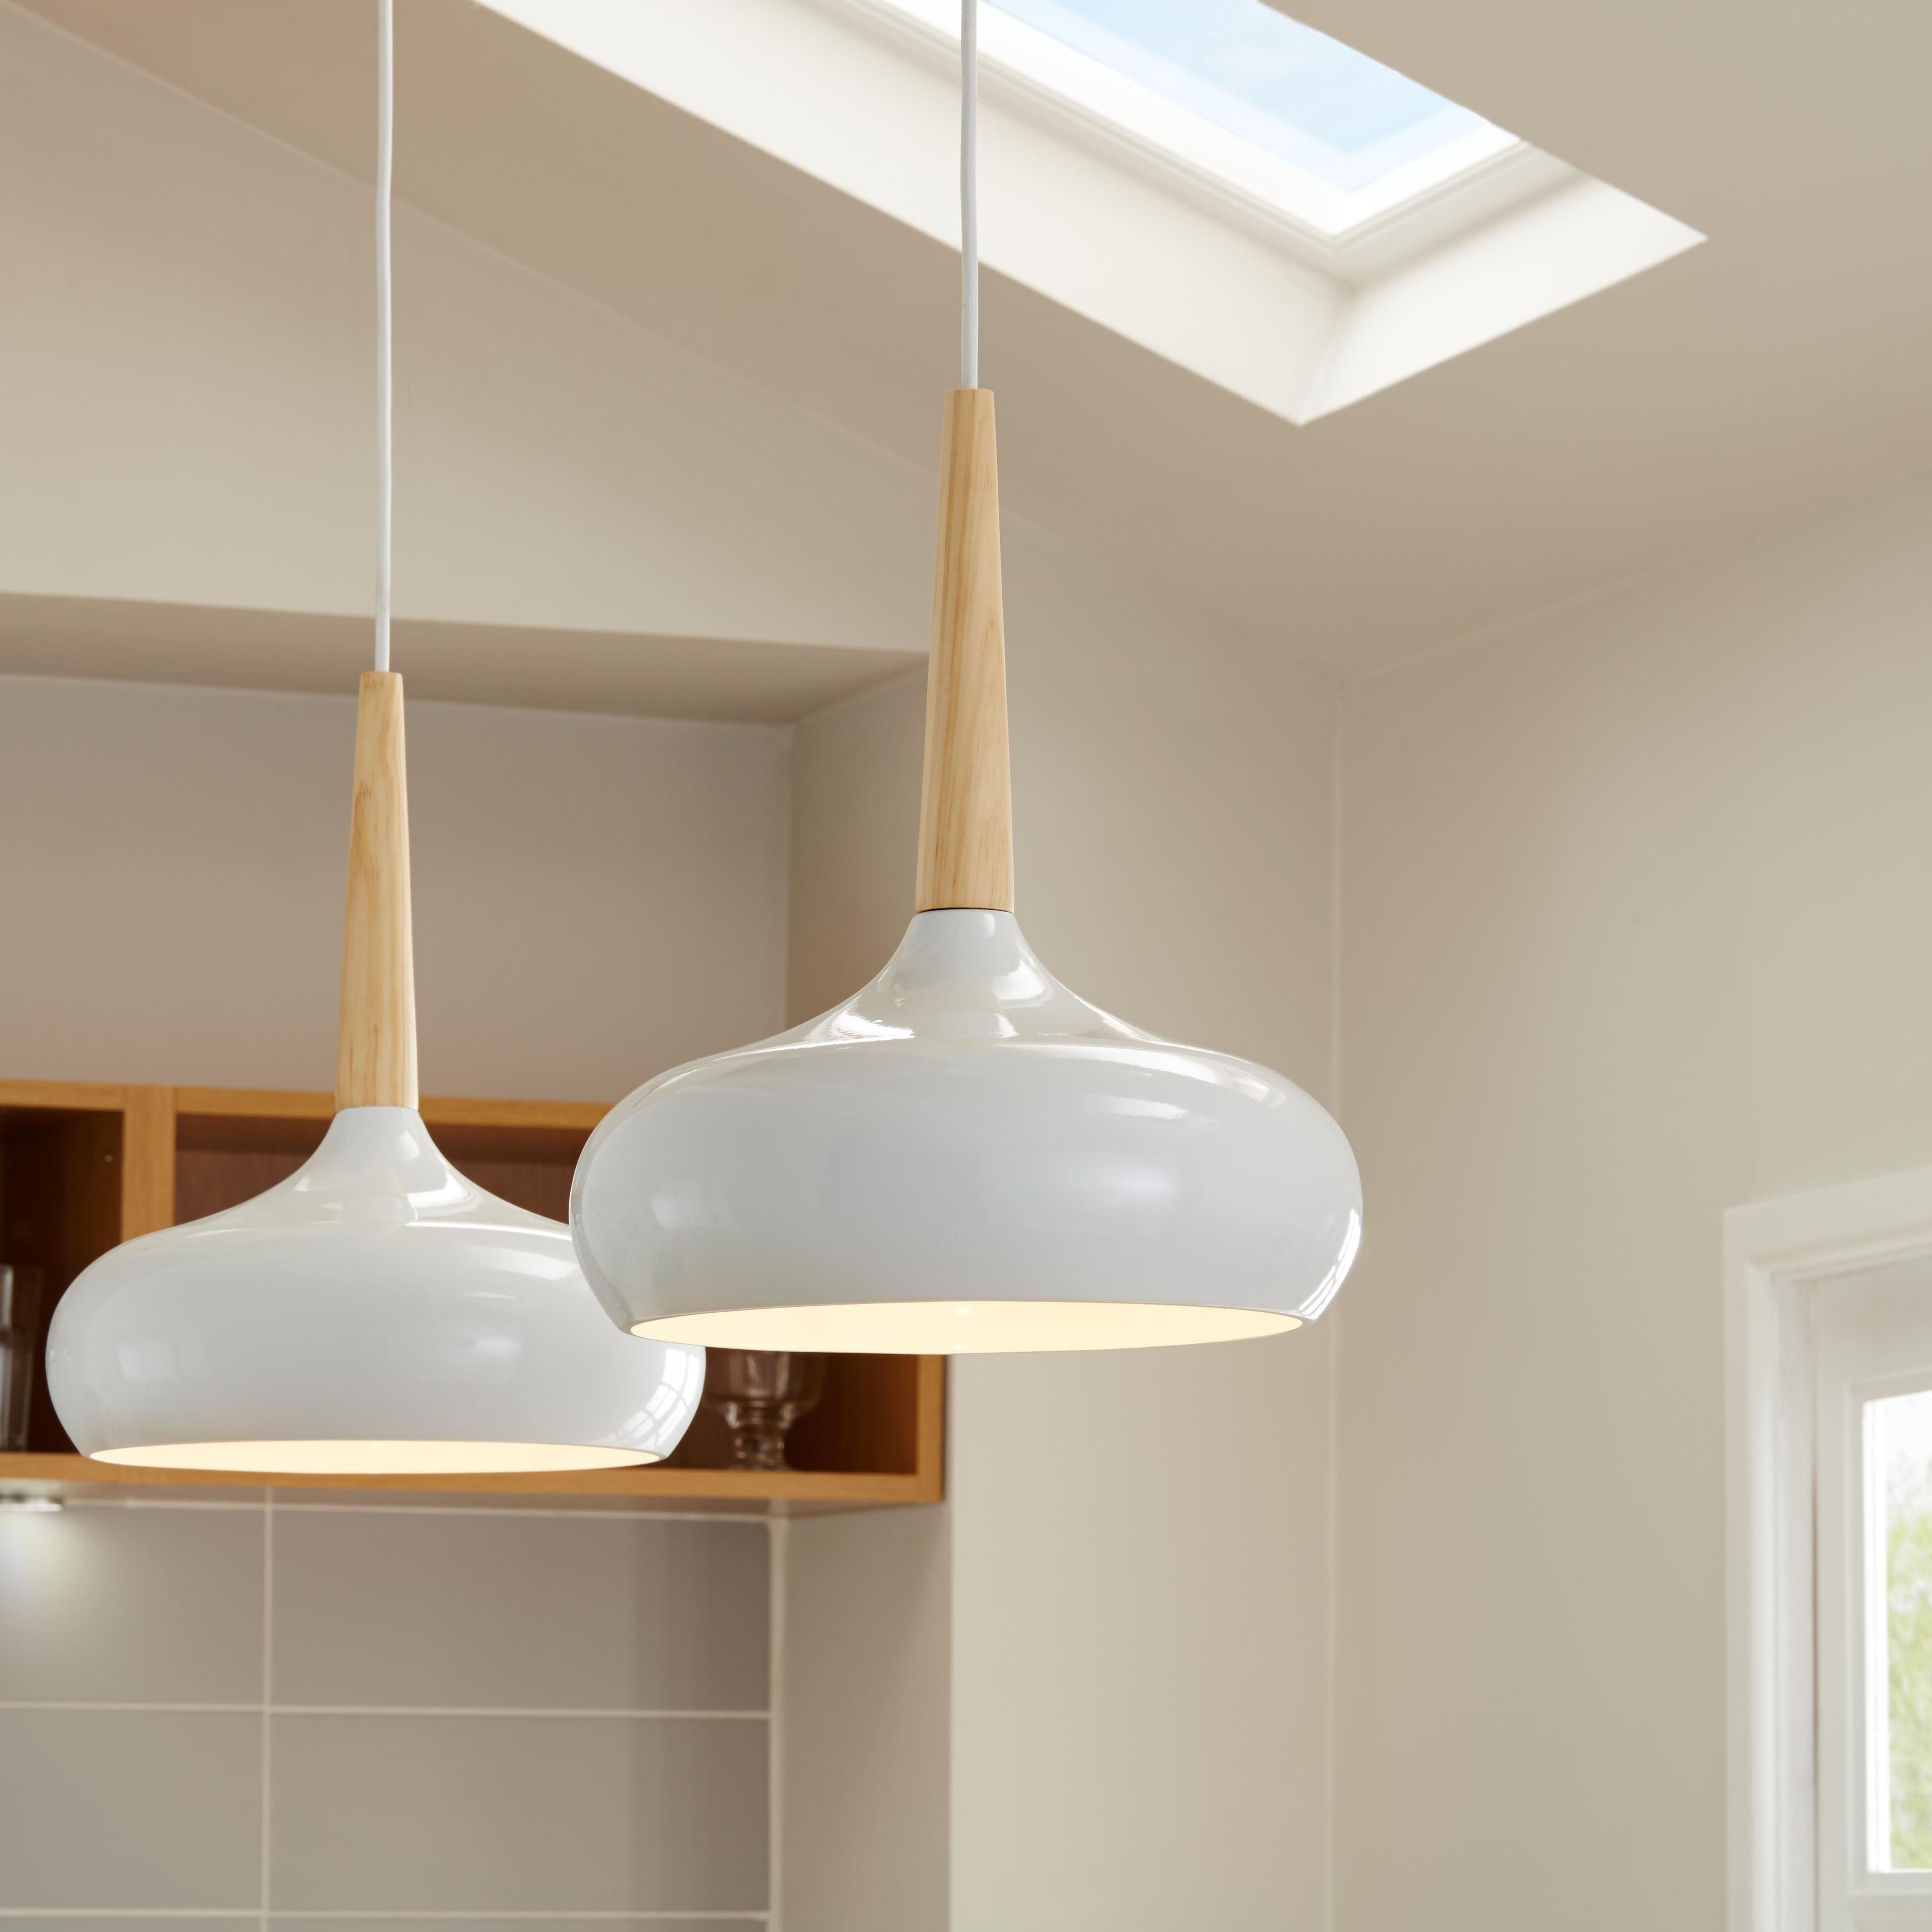 kitchen lights kitchen ceiling lights spotlights rh diy com kitchen ceiling lighting lowes kitchen ceiling lighting fixtures